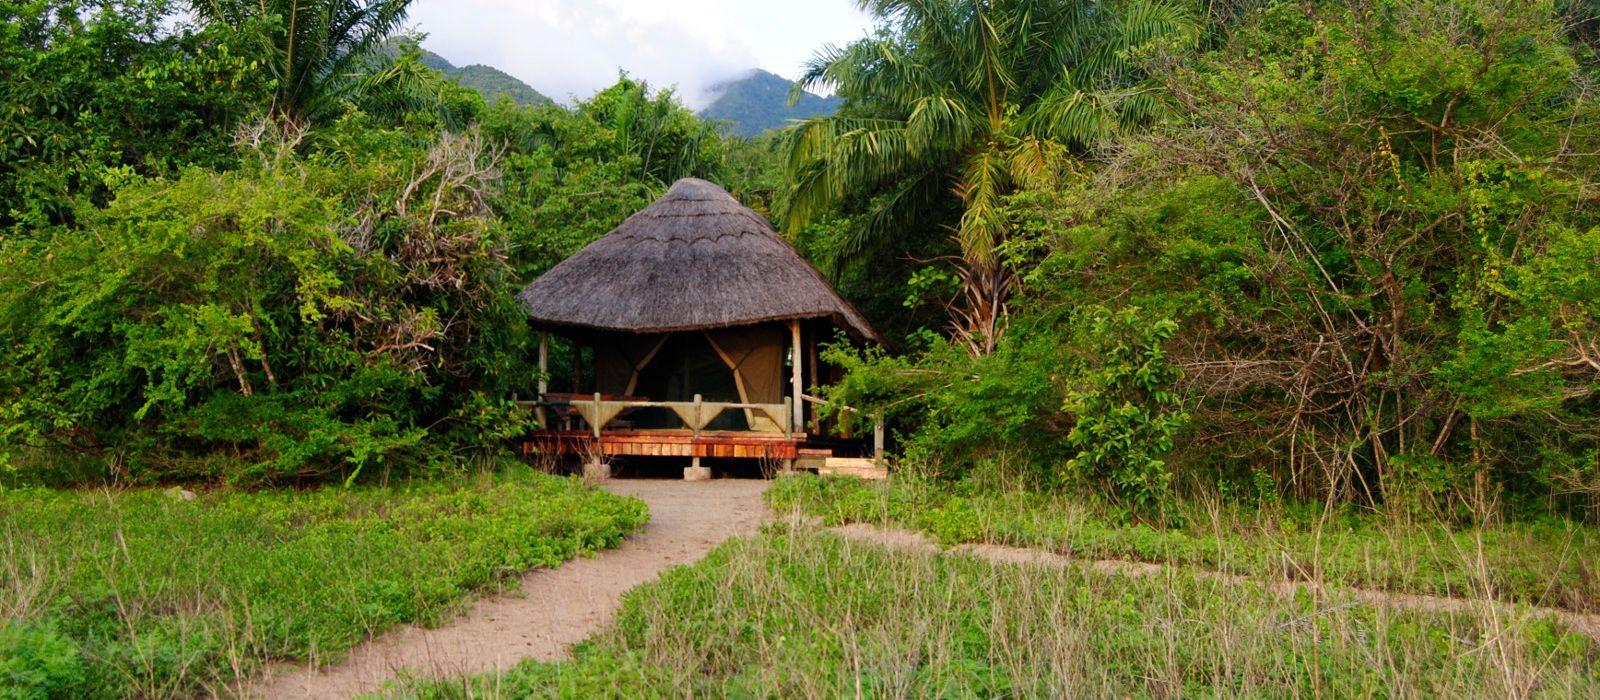 Hotel Mbali Mbali Mahale Lodge Tanzania